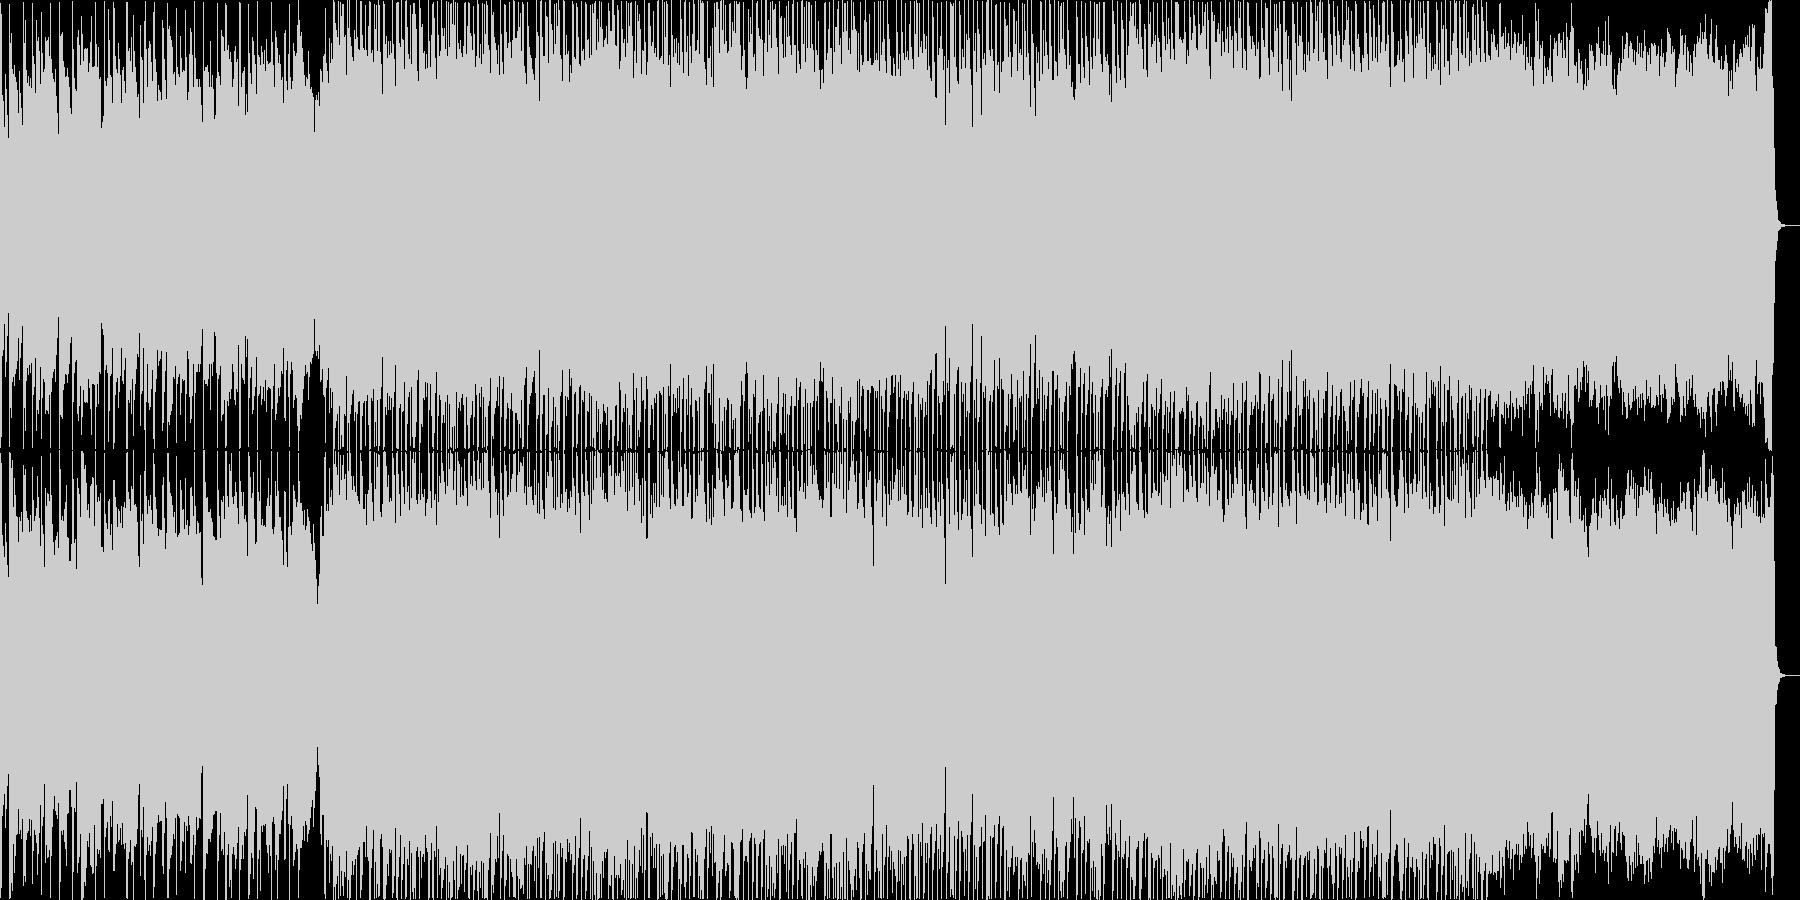 懐かしく温まるアコースティック主調の楽曲の未再生の波形